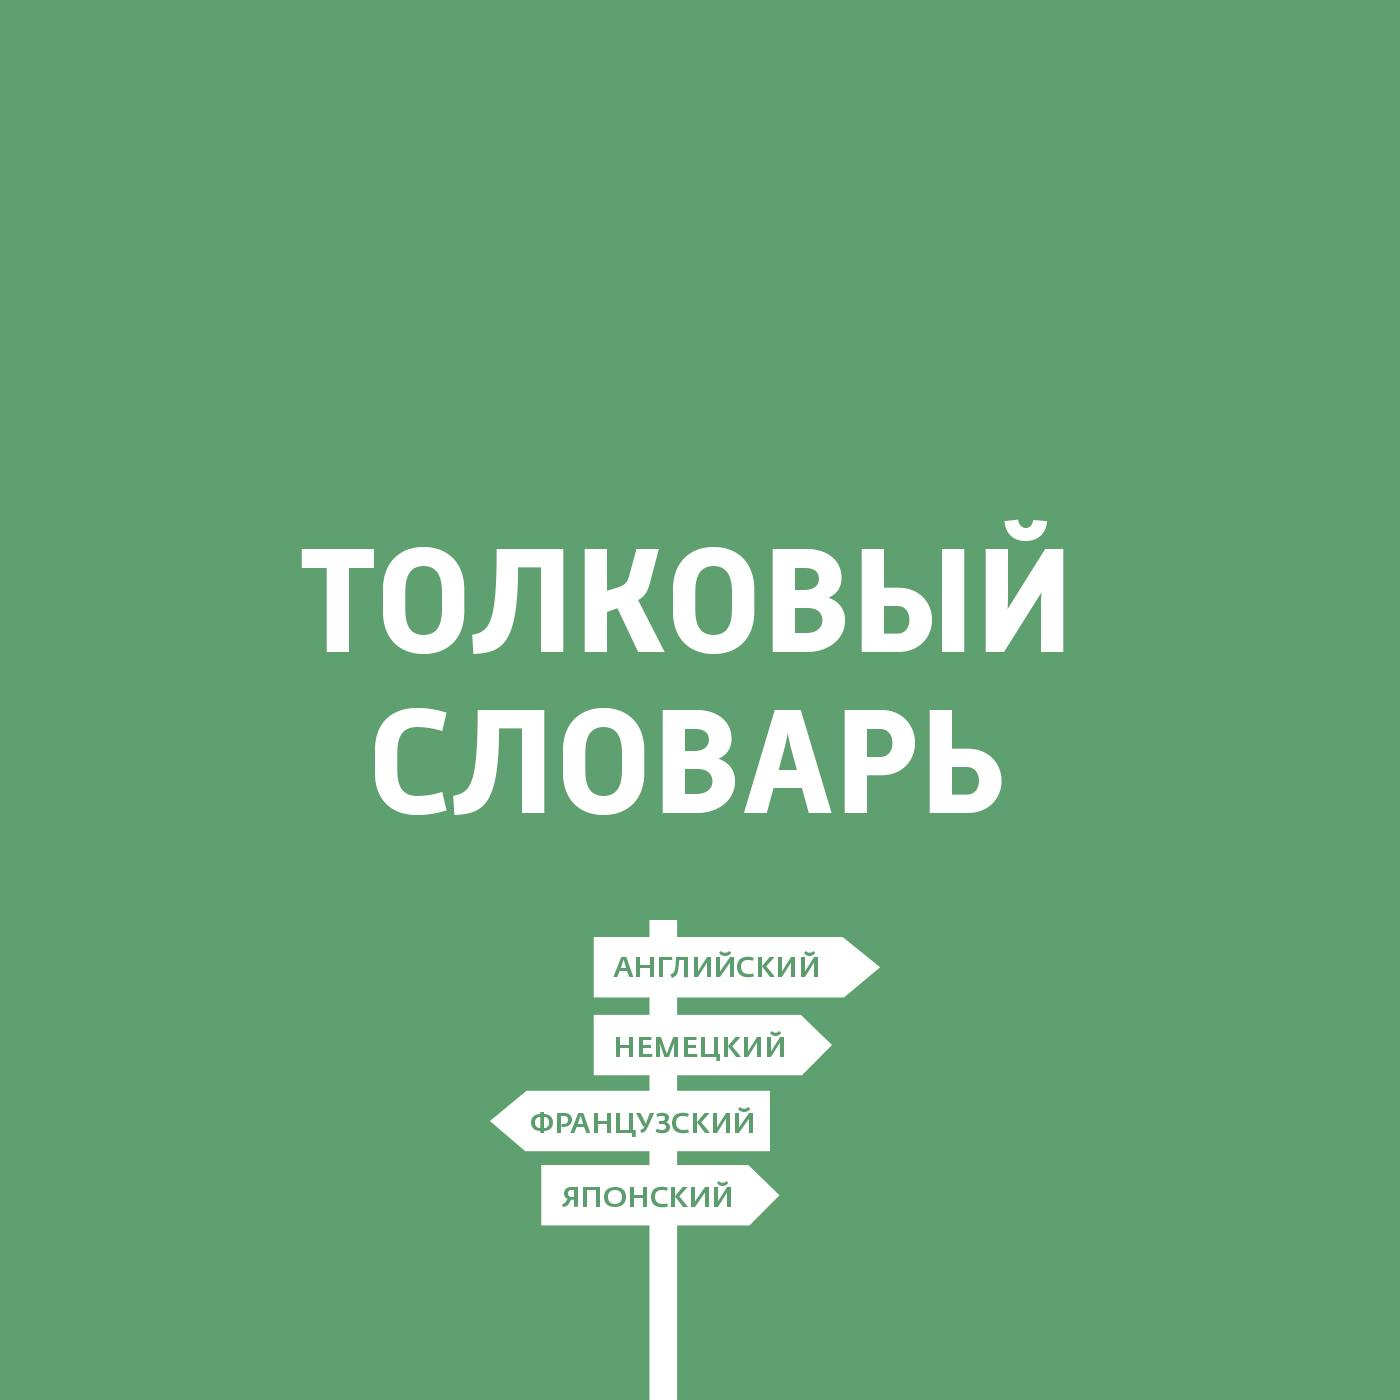 Дмитрий Петров Языки народов СССР. Тюркские языки